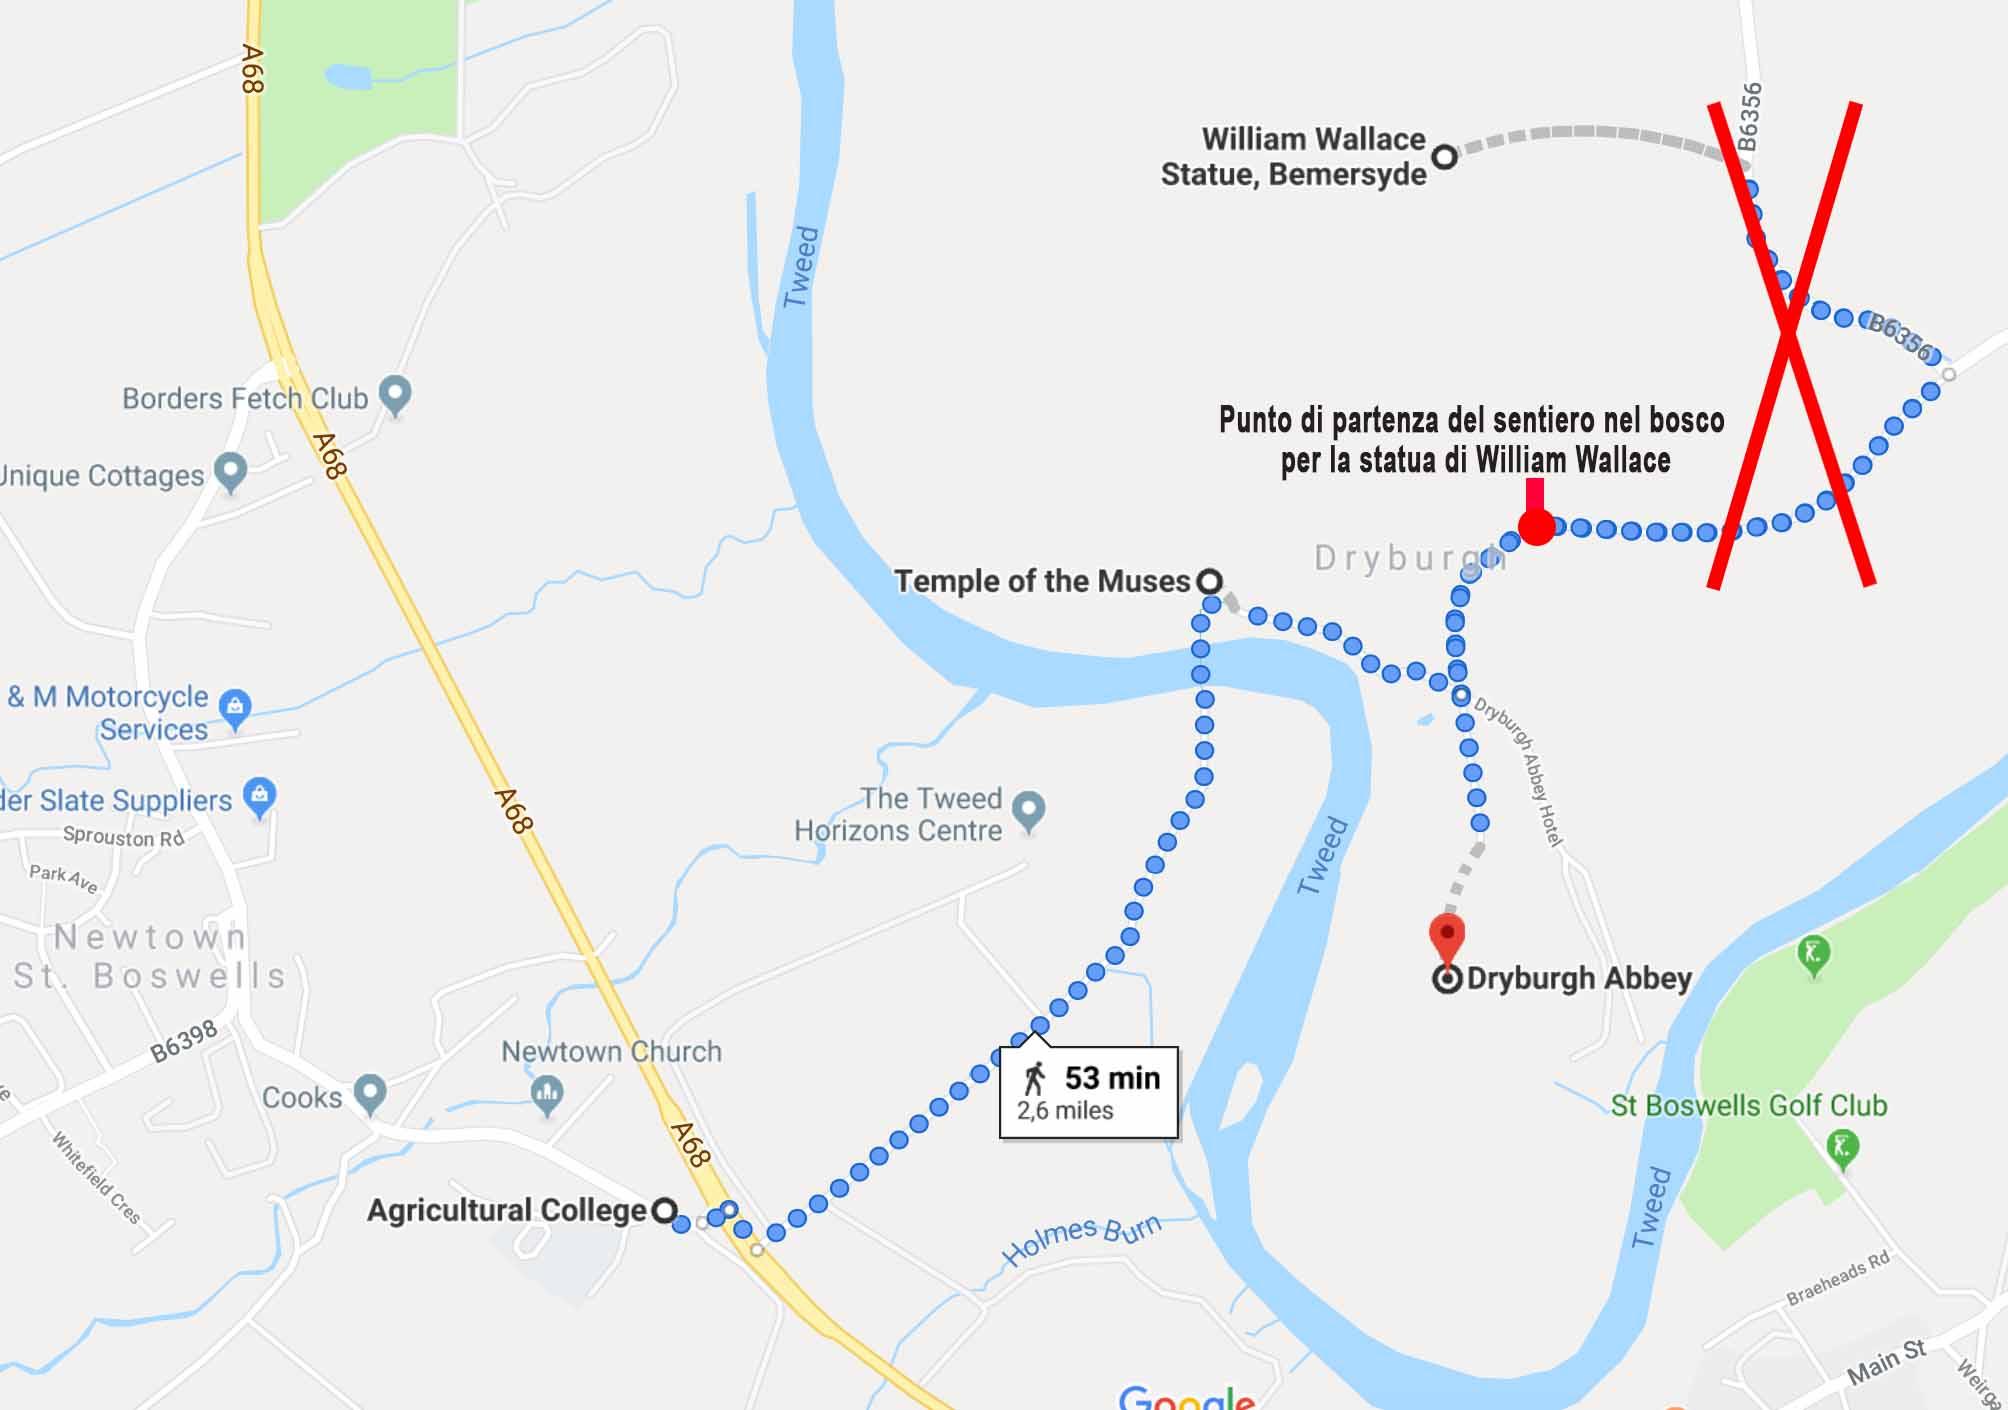 Come arrivare all'abbazia di Dryburgh a piedi